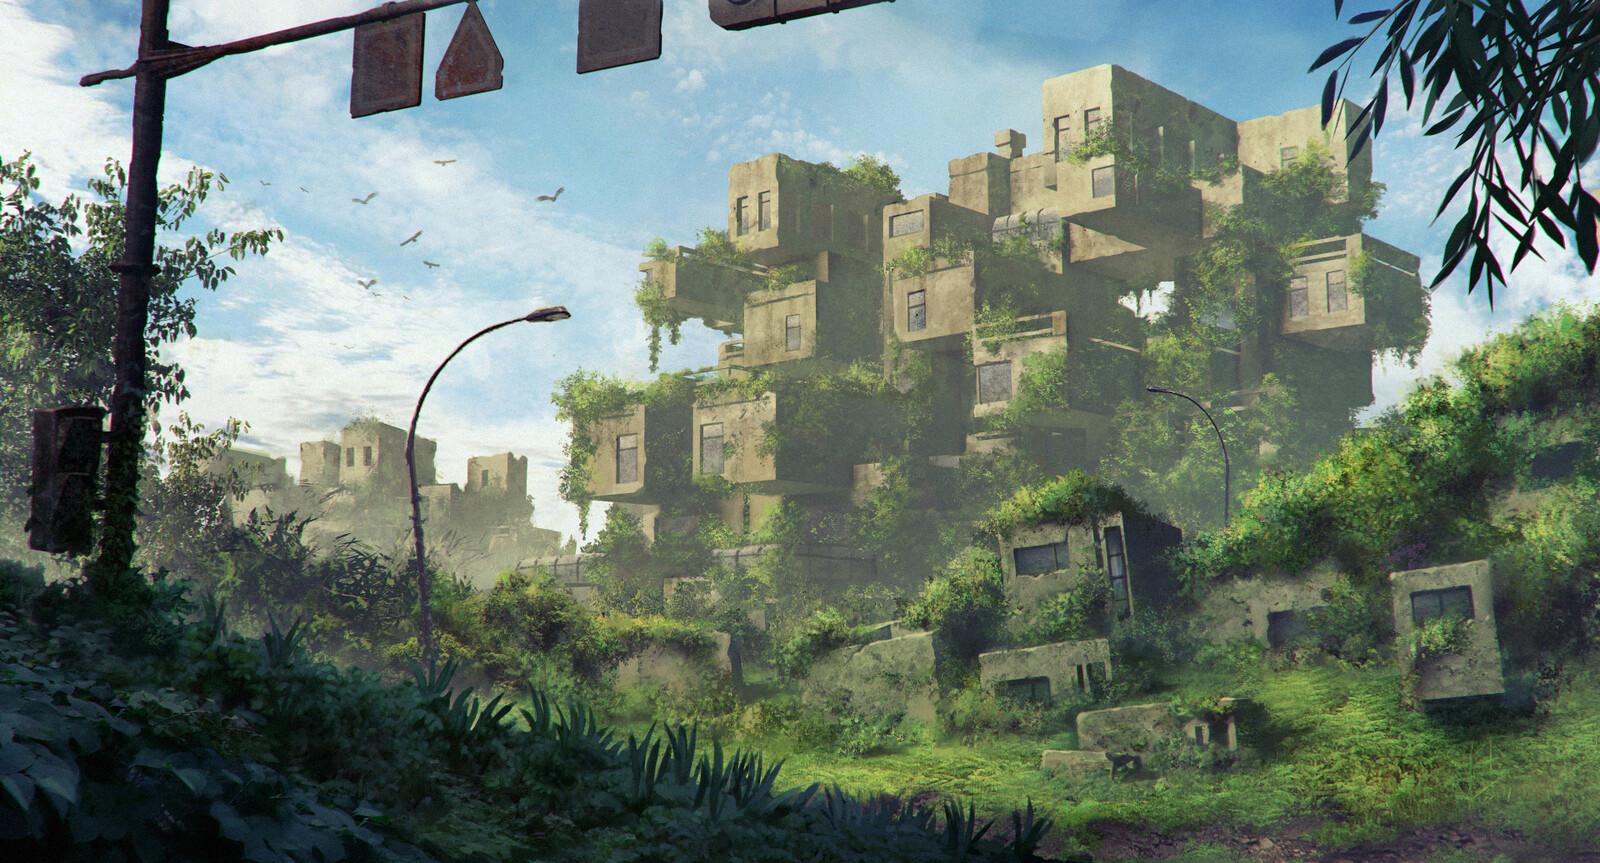 Habitat 67...in the future!